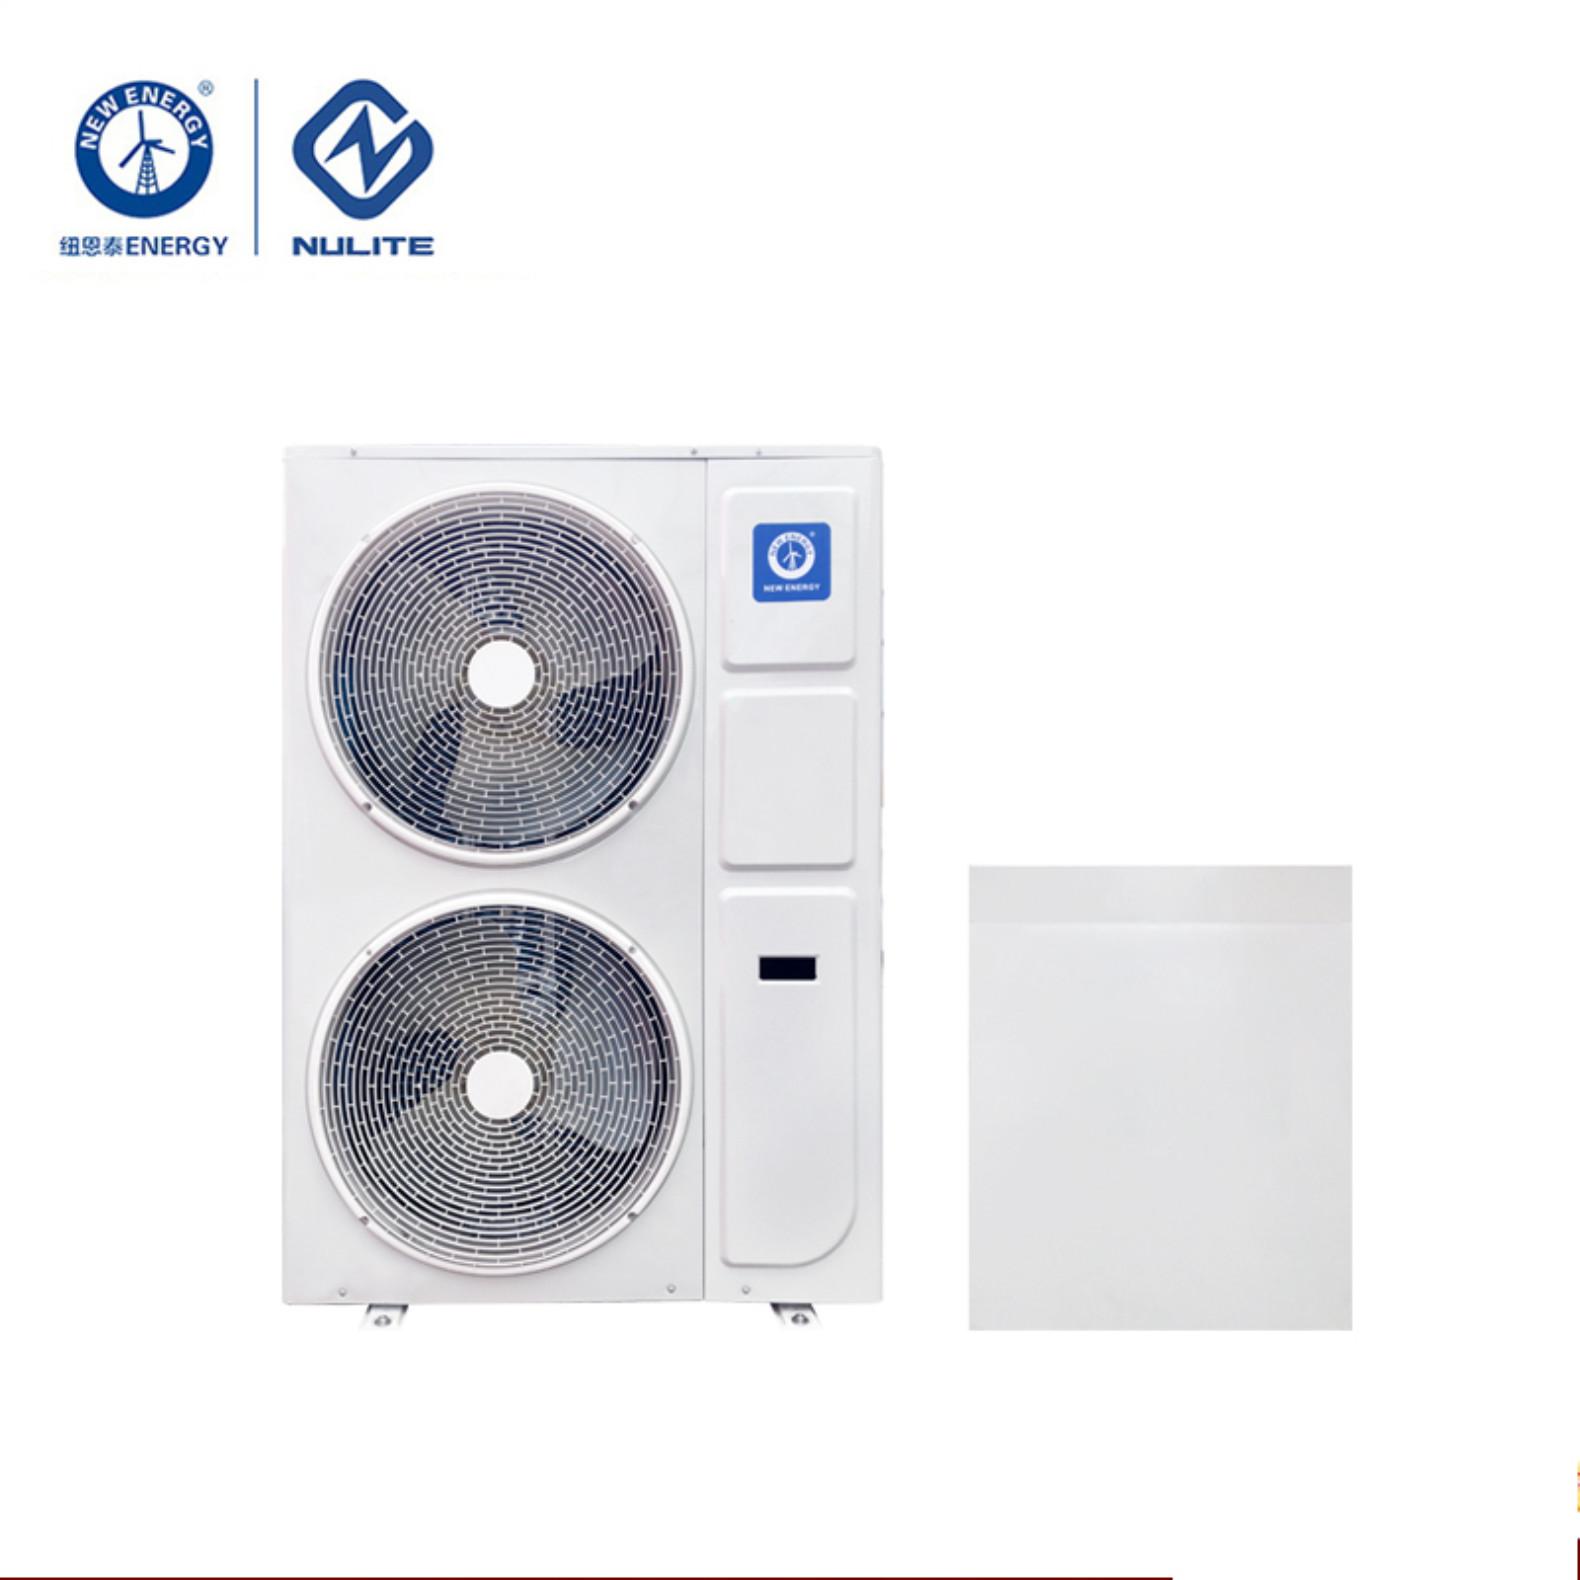 NULITE-Professional Split Heat Pump Split Air Conditioner Price Manufacture-1